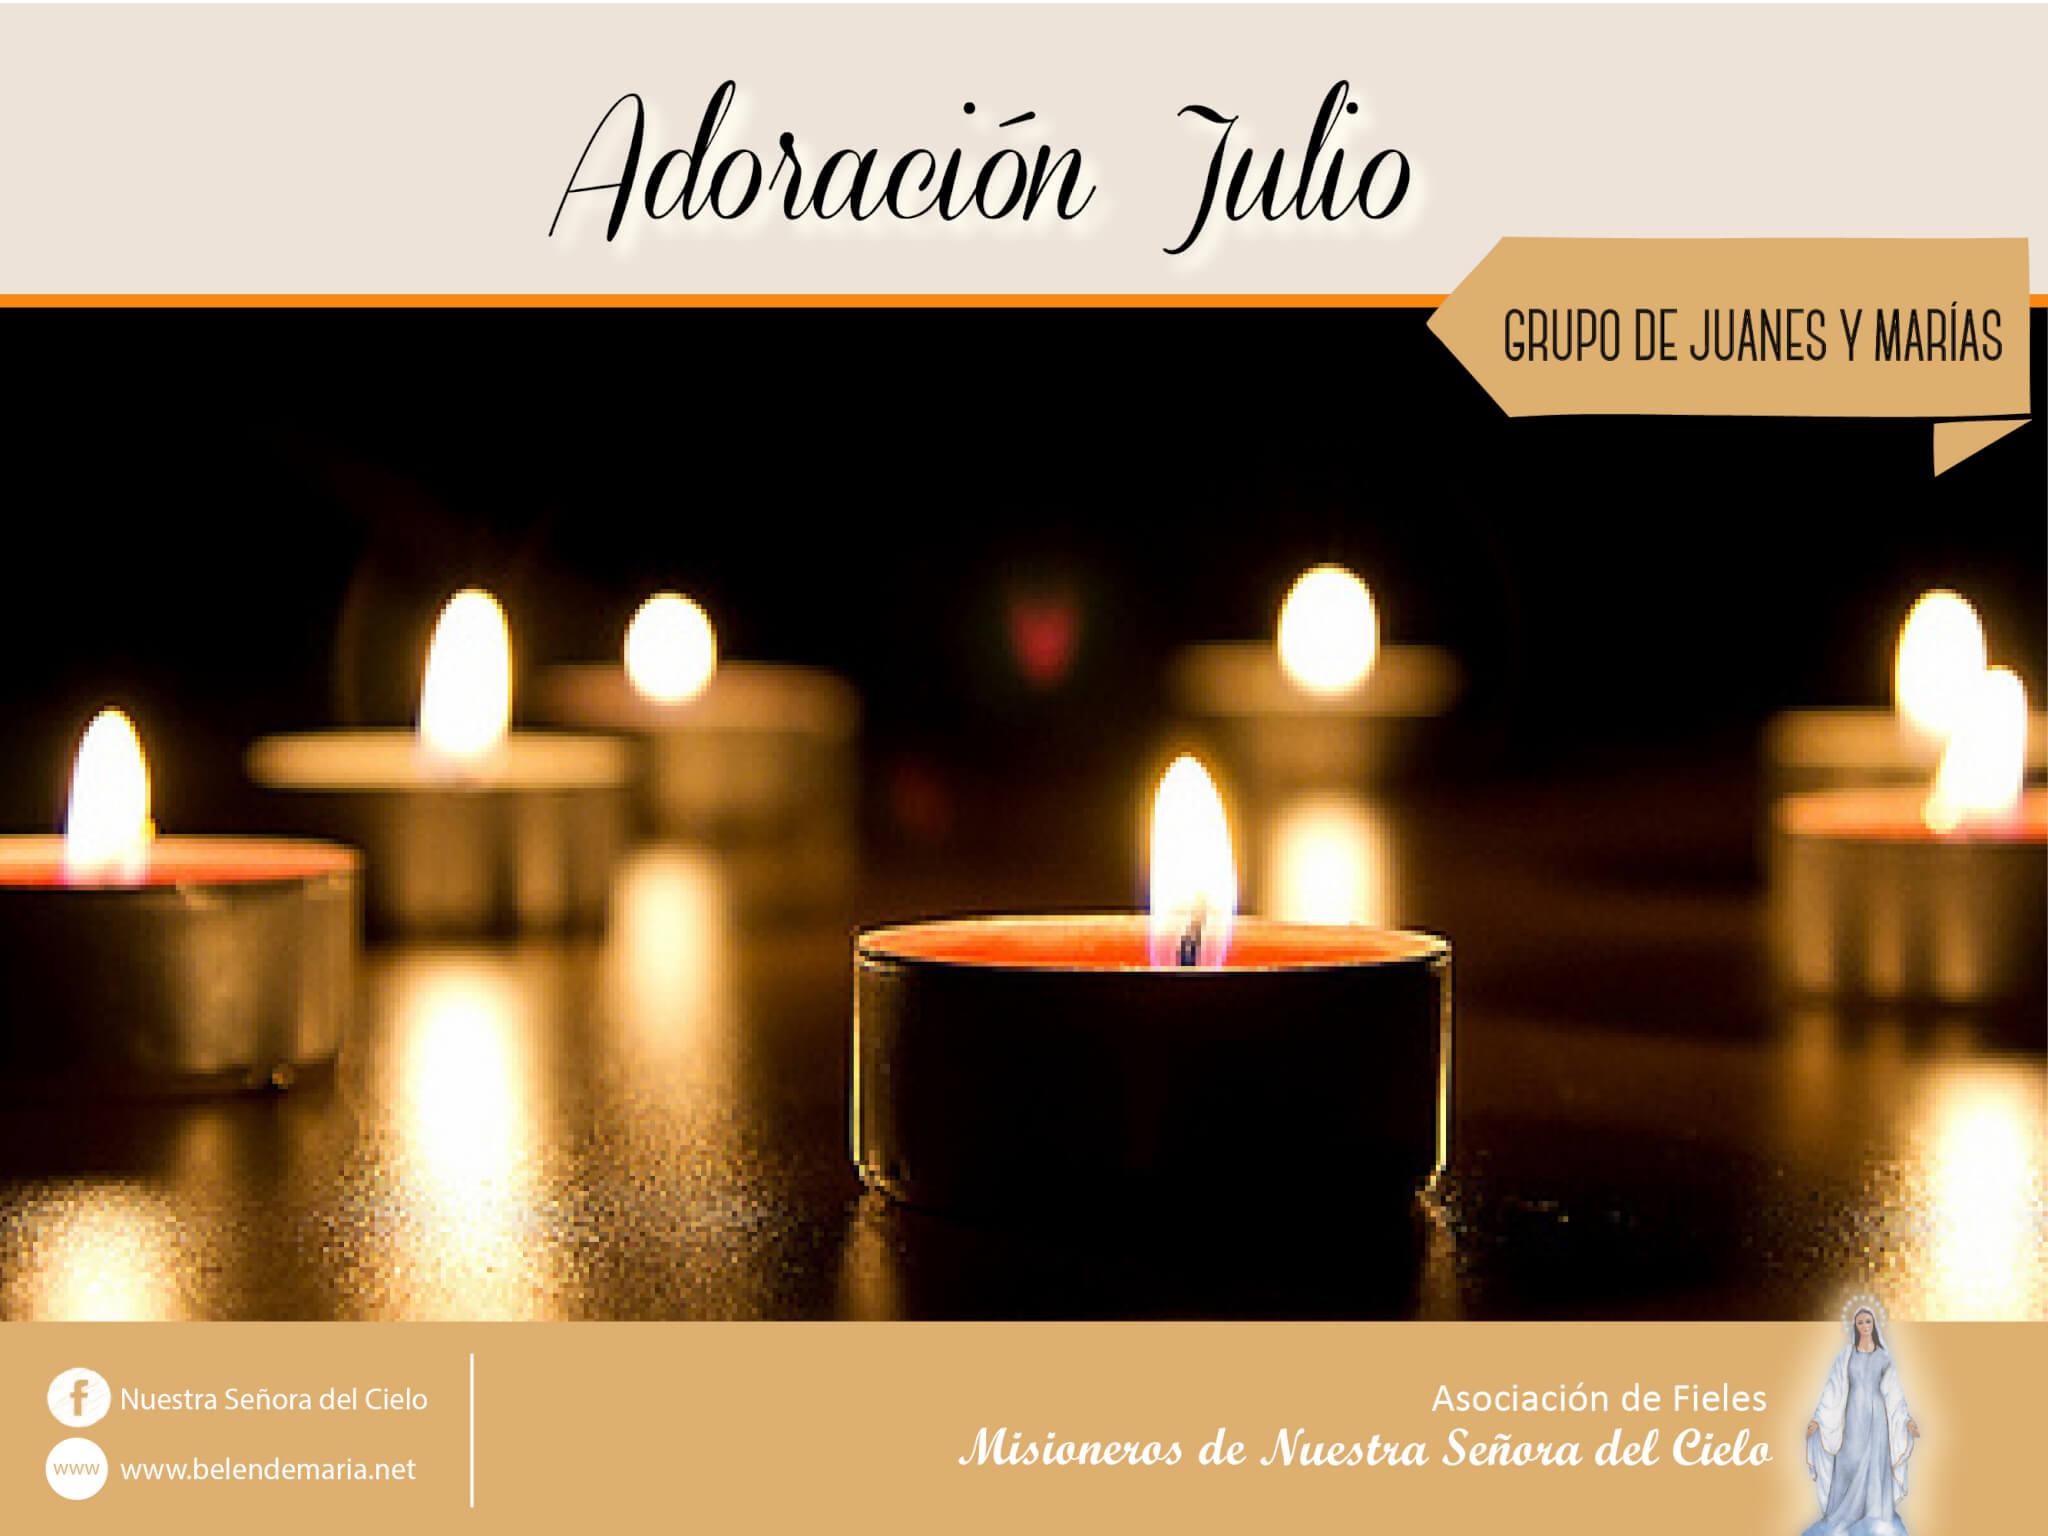 Juanes y Marías: Julio 2018